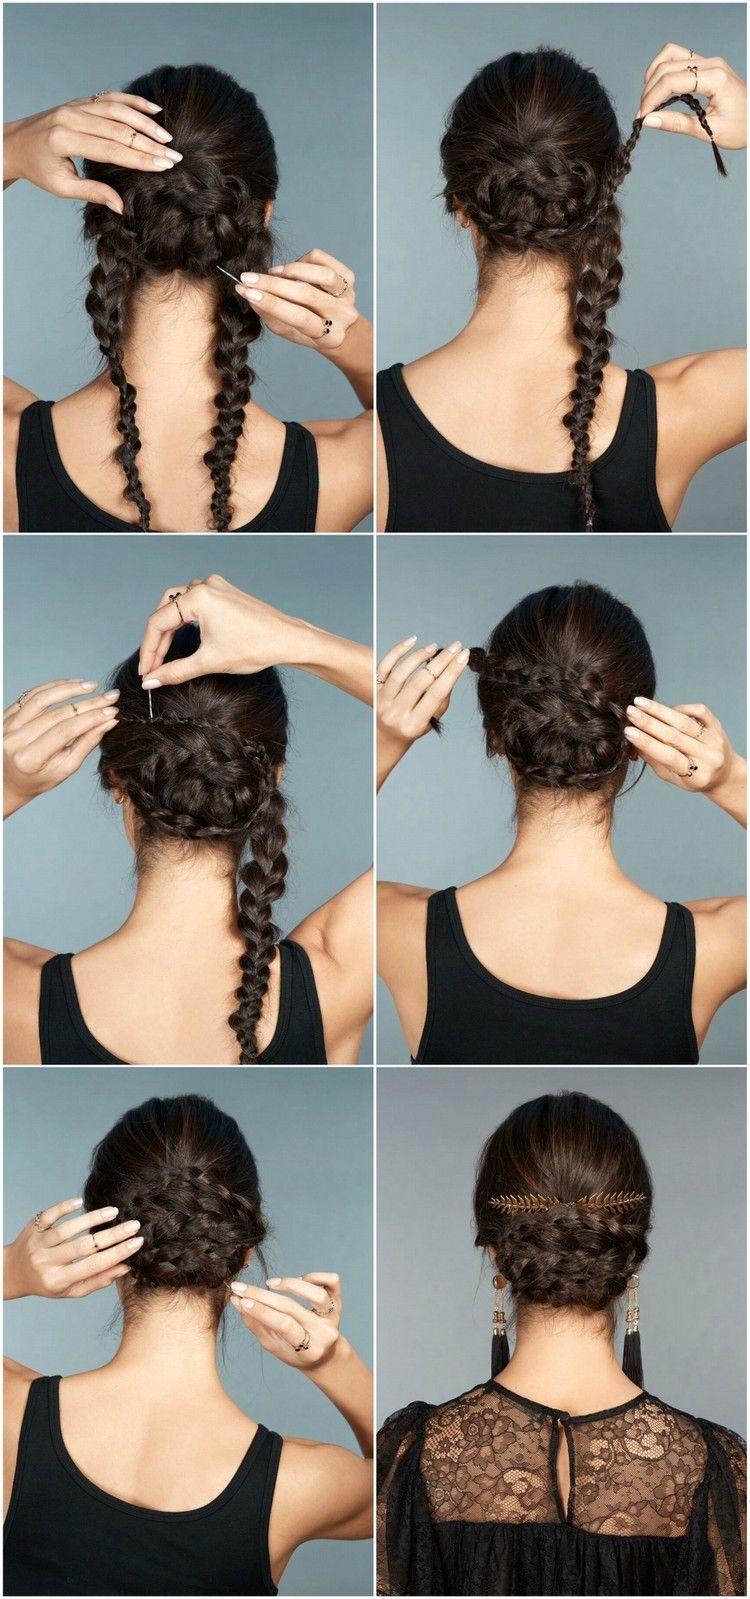 Geflochtene Hochsteckfrisuren Anleitung Selber Machen Instruction Hairstyle Hair Frisur Hochgesteckt Hochsteckfrisur Festliche Hochsteckfrisuren